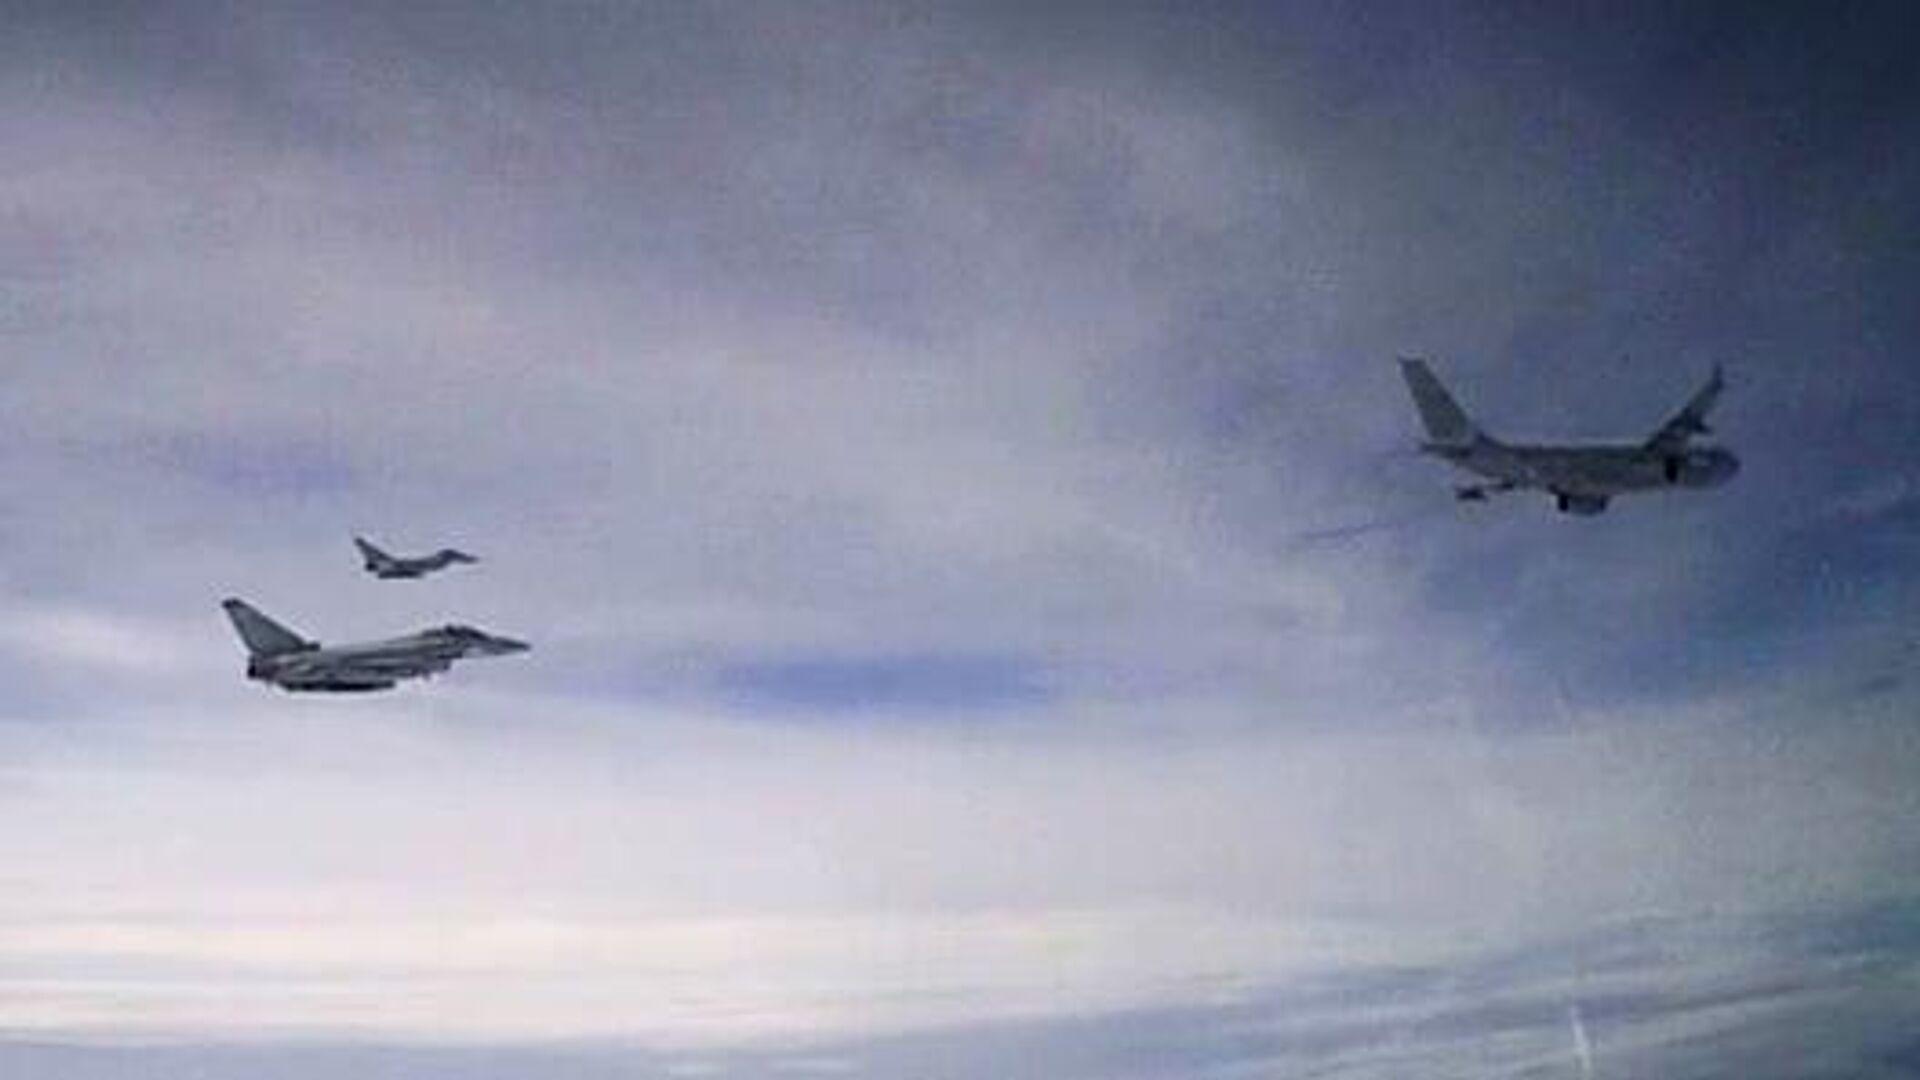 Британские самолеты, перехваченные российским Су-27 в небе над акваторией Черного моря - РИА Новости, 1920, 11.05.2021